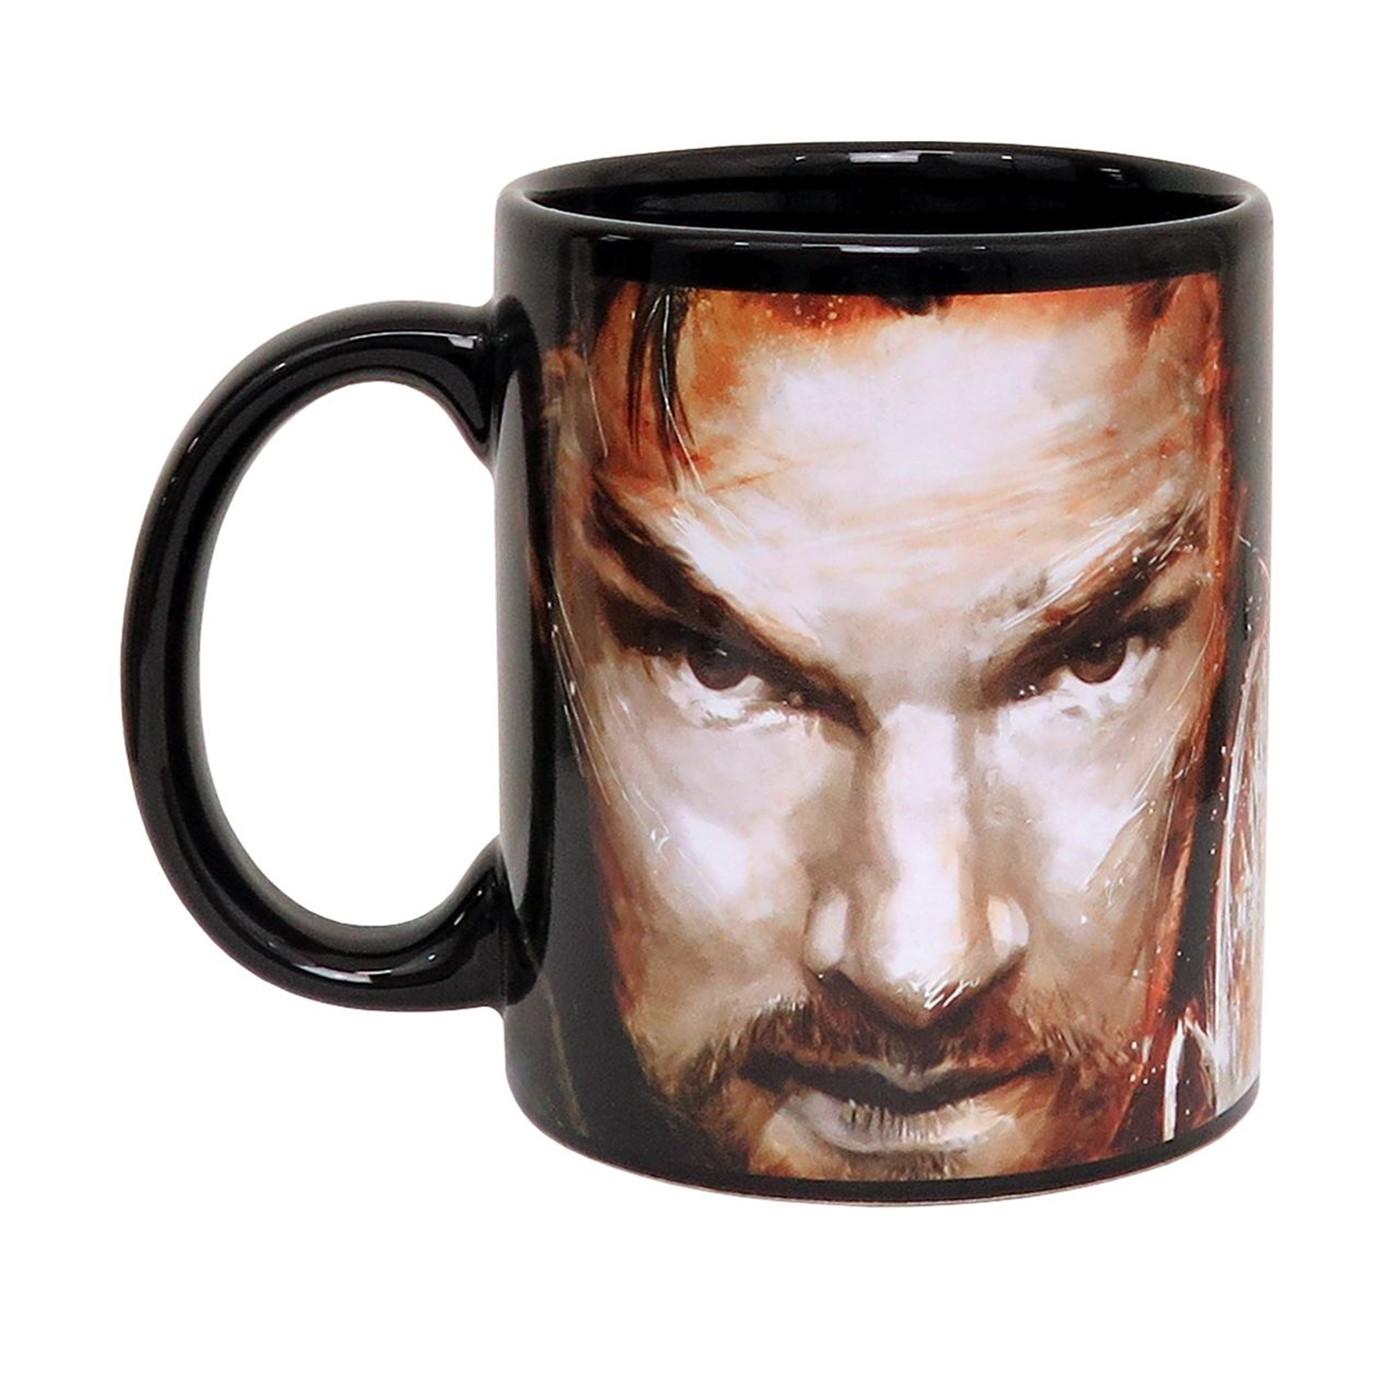 Dr. Strange Sorcerer Supreme 12oz Ceramic Mug